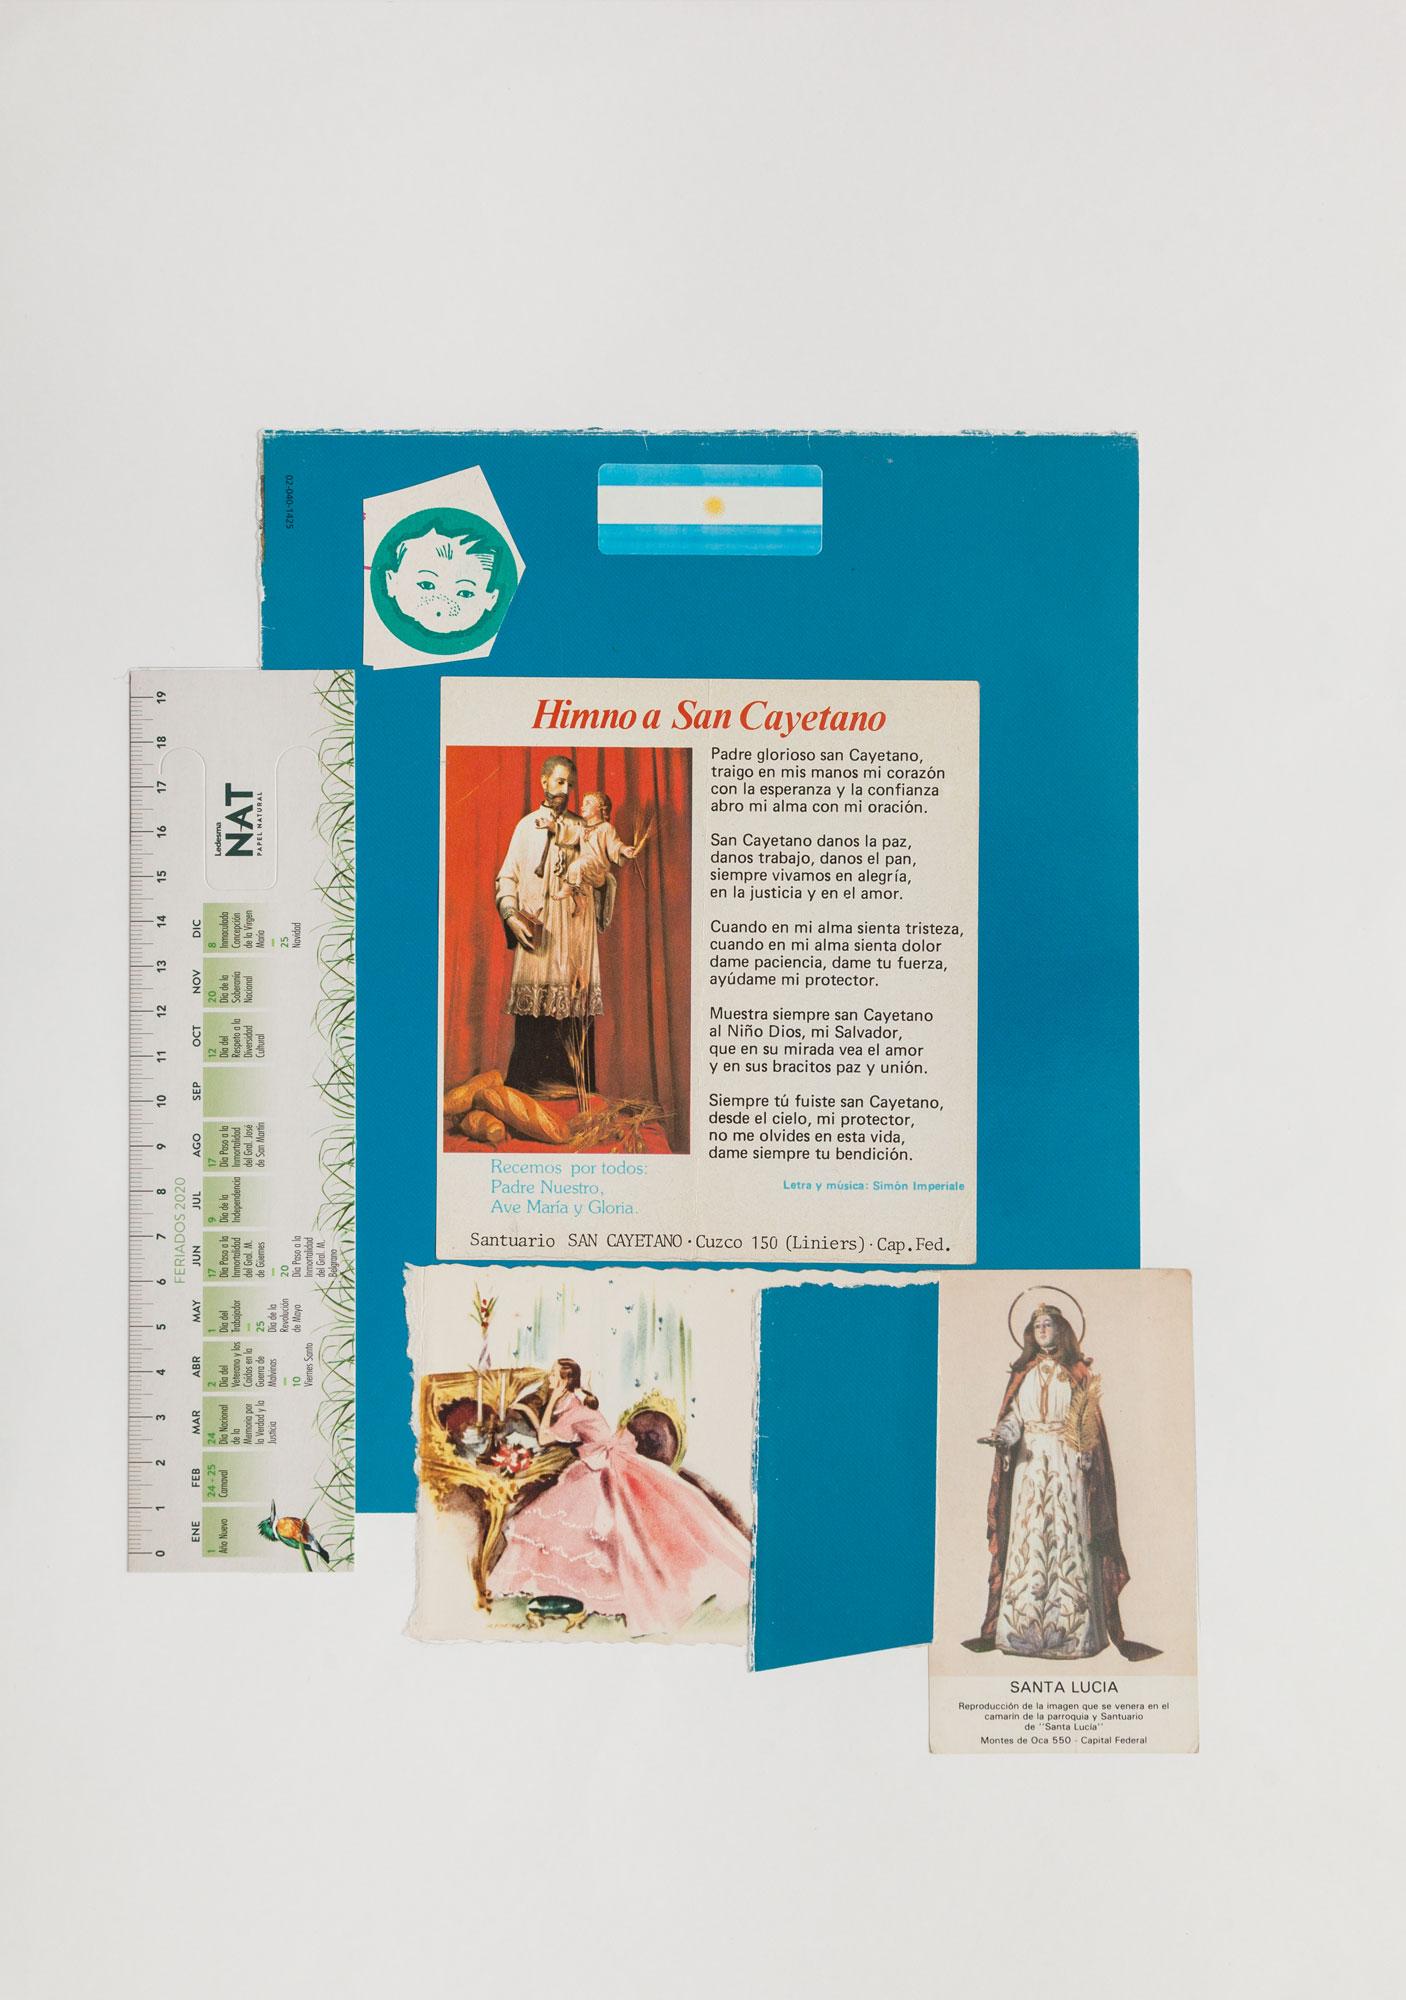 Contando los días, serie La sutileza de la imagen_papel collage 44 cm x 31 cm cm 2020